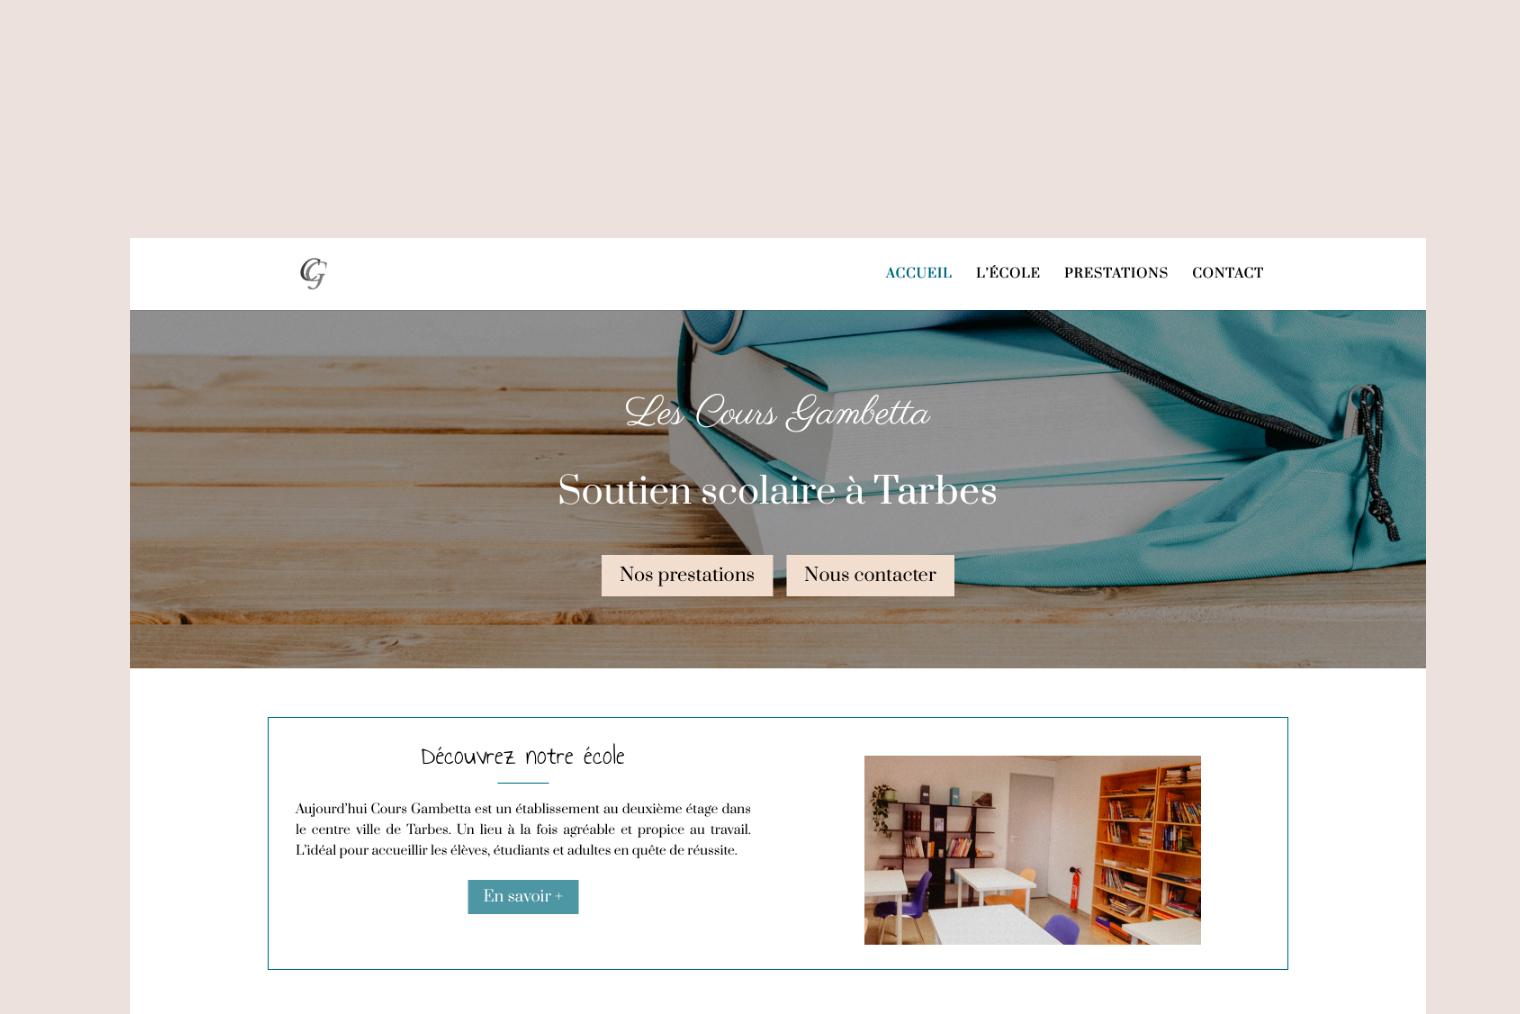 La page d'accueil du site internet de soutien scolaire Cours Gambetta à Tarbes.